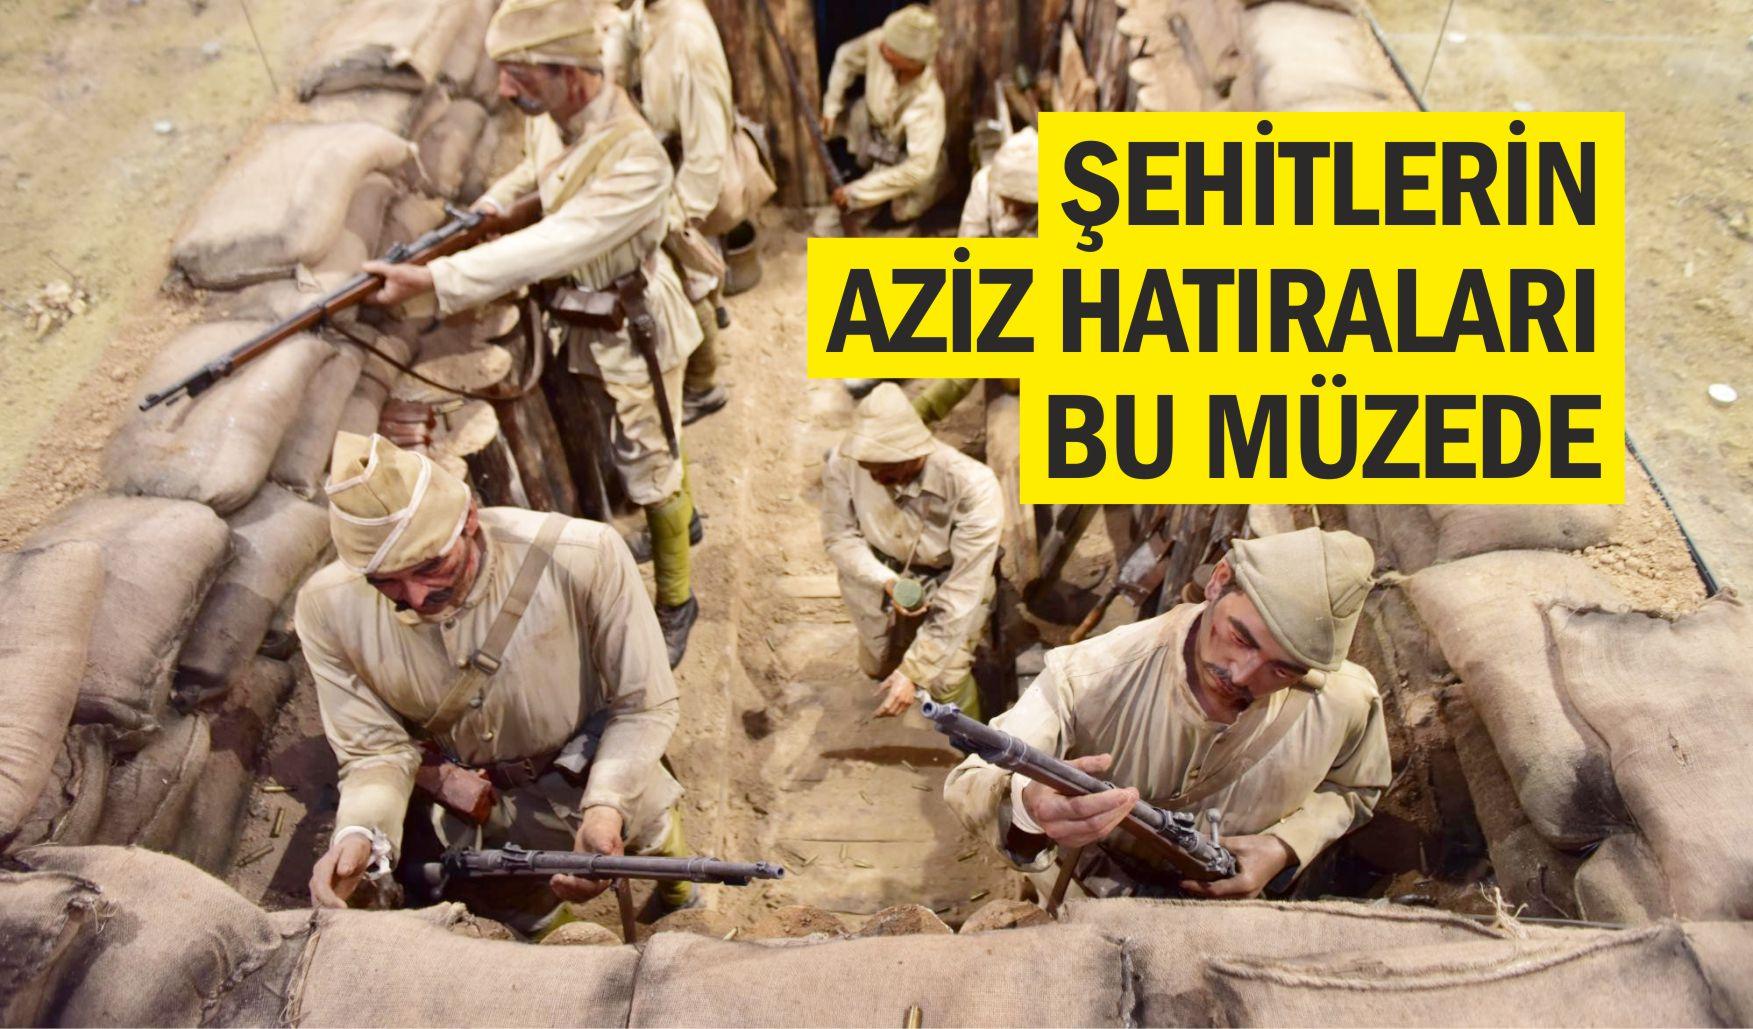 TÜRKİYE'NİN İLK ÖZEL 'ŞEHİTLER' MÜZESİ